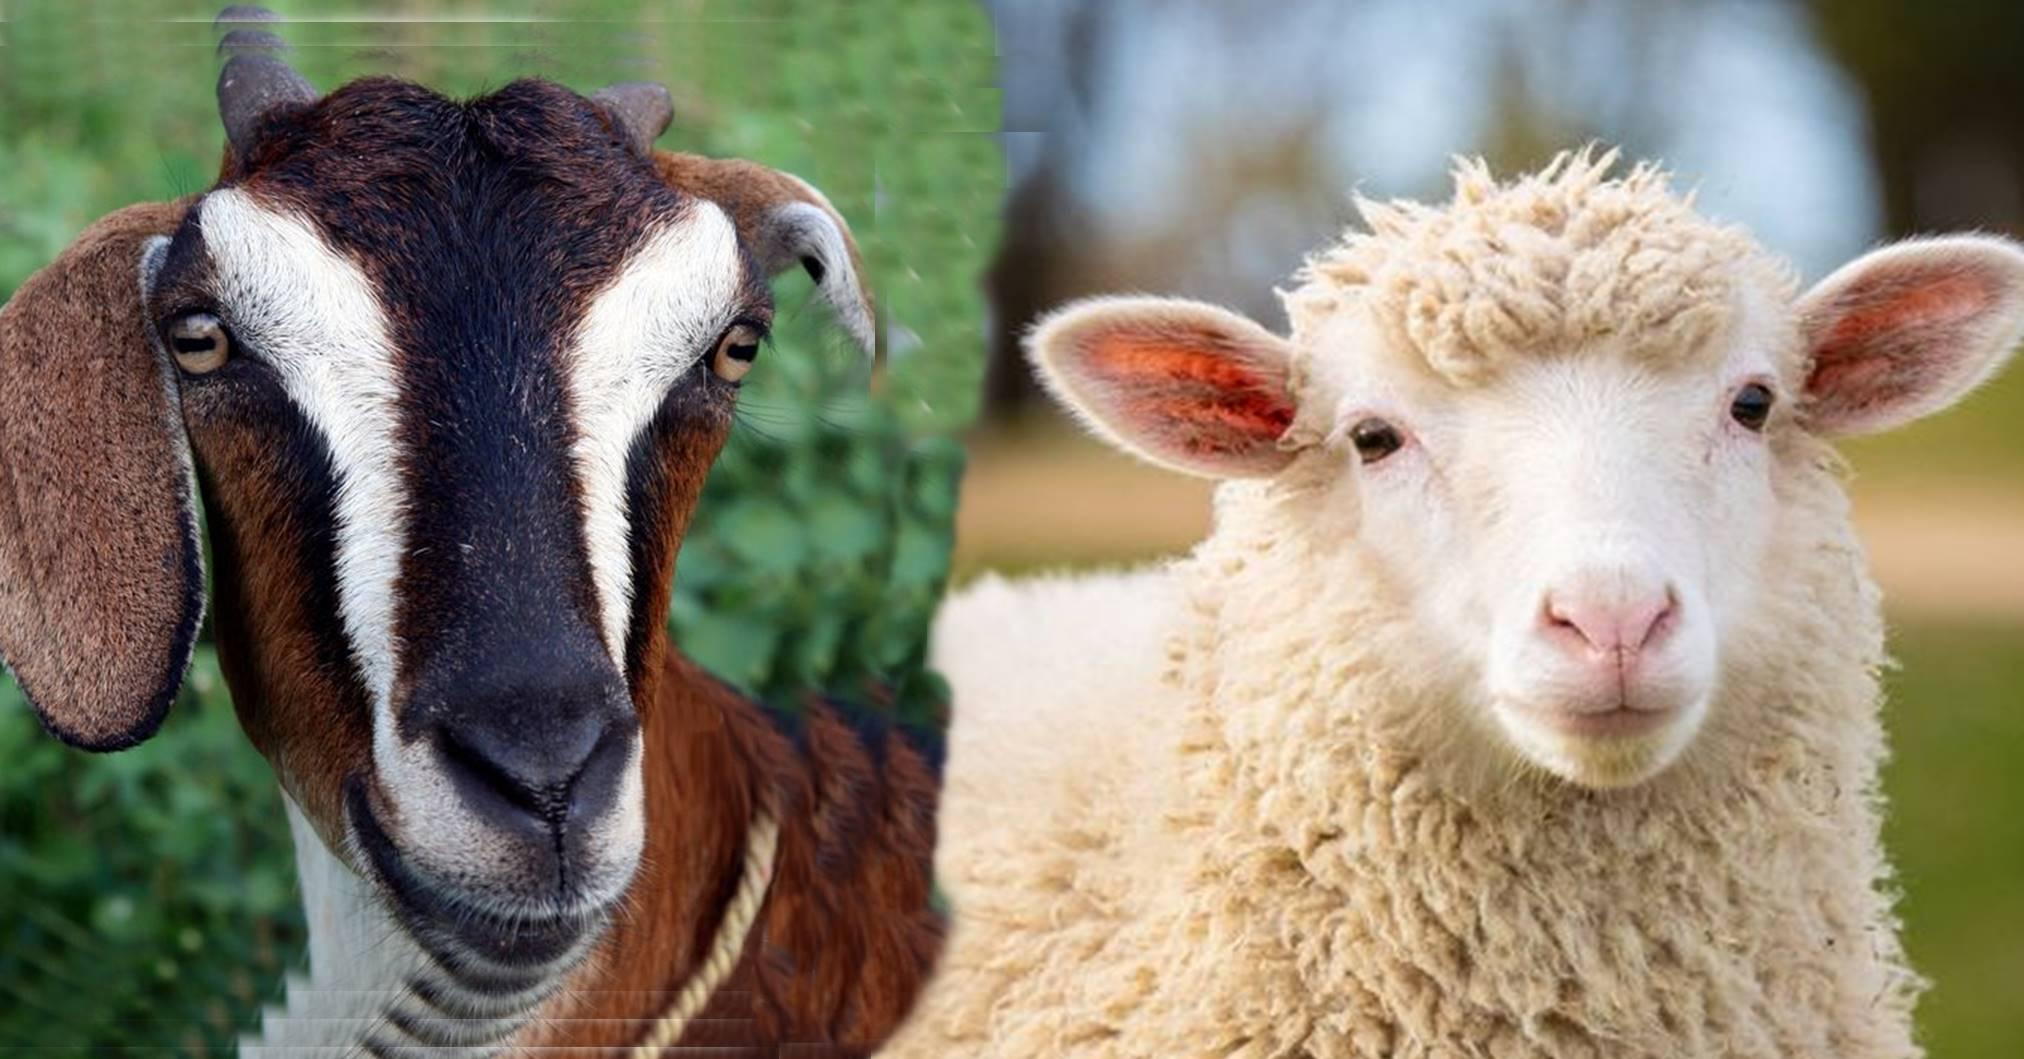 mengenal-perbedaan-domba-dan-kambing